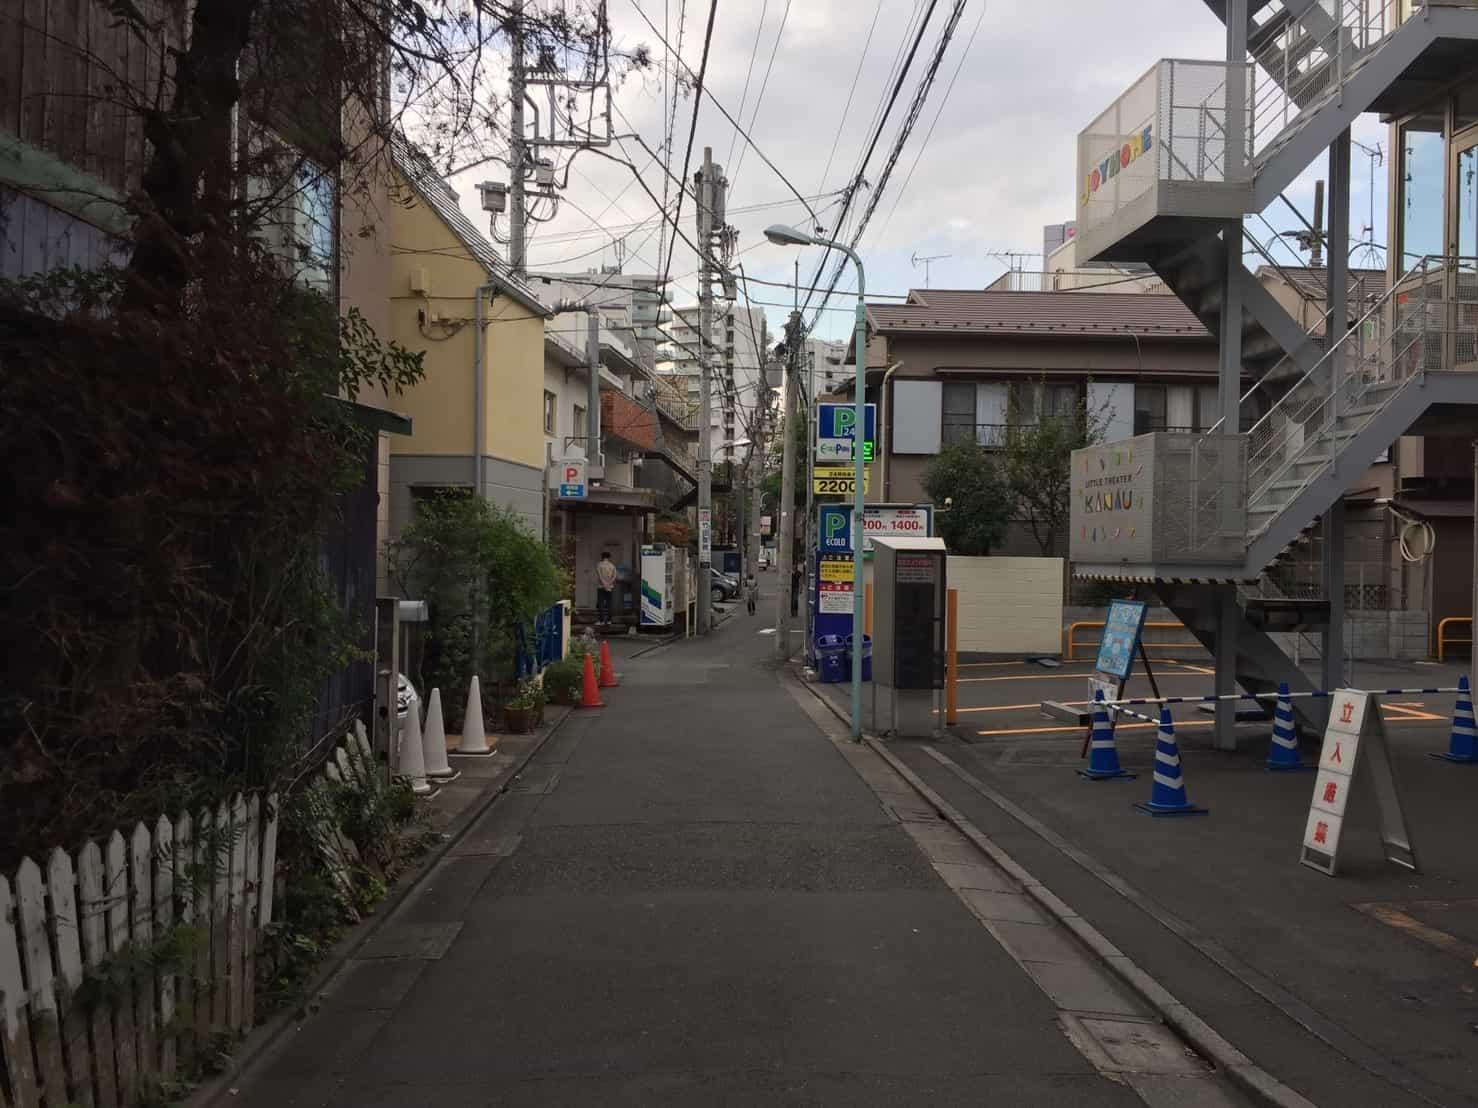 千駄ヶ谷駅 坂道の多い狭い裏道